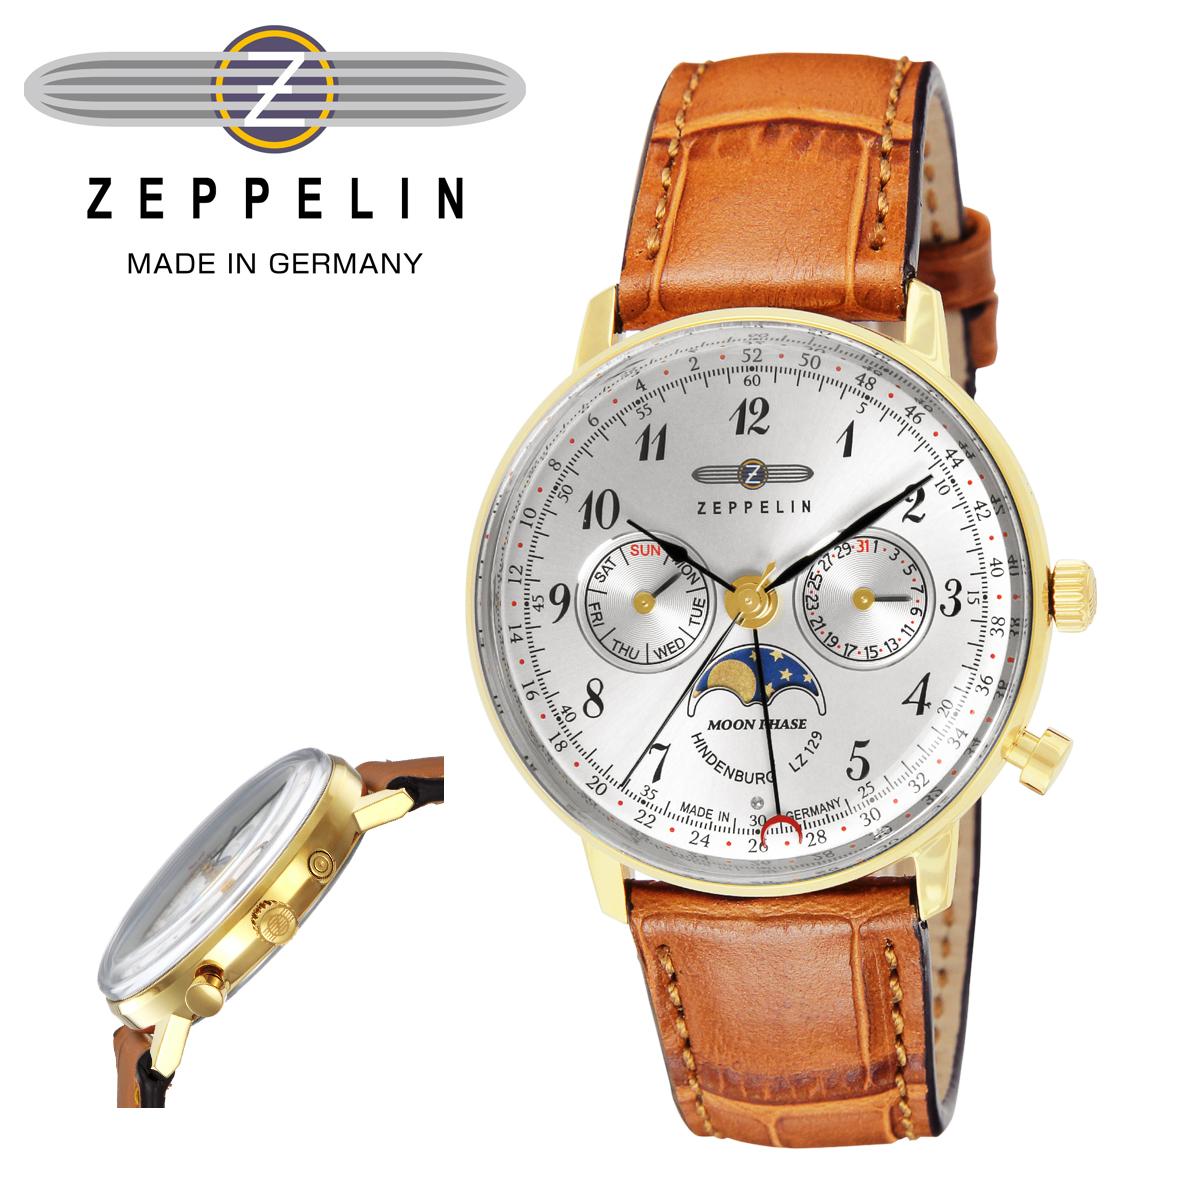 ツェッペリン 腕時計 HINDENBURGmoonphase 1876983 メンズ ZEPPELIN ステンレススチール アクリルガラス 本革